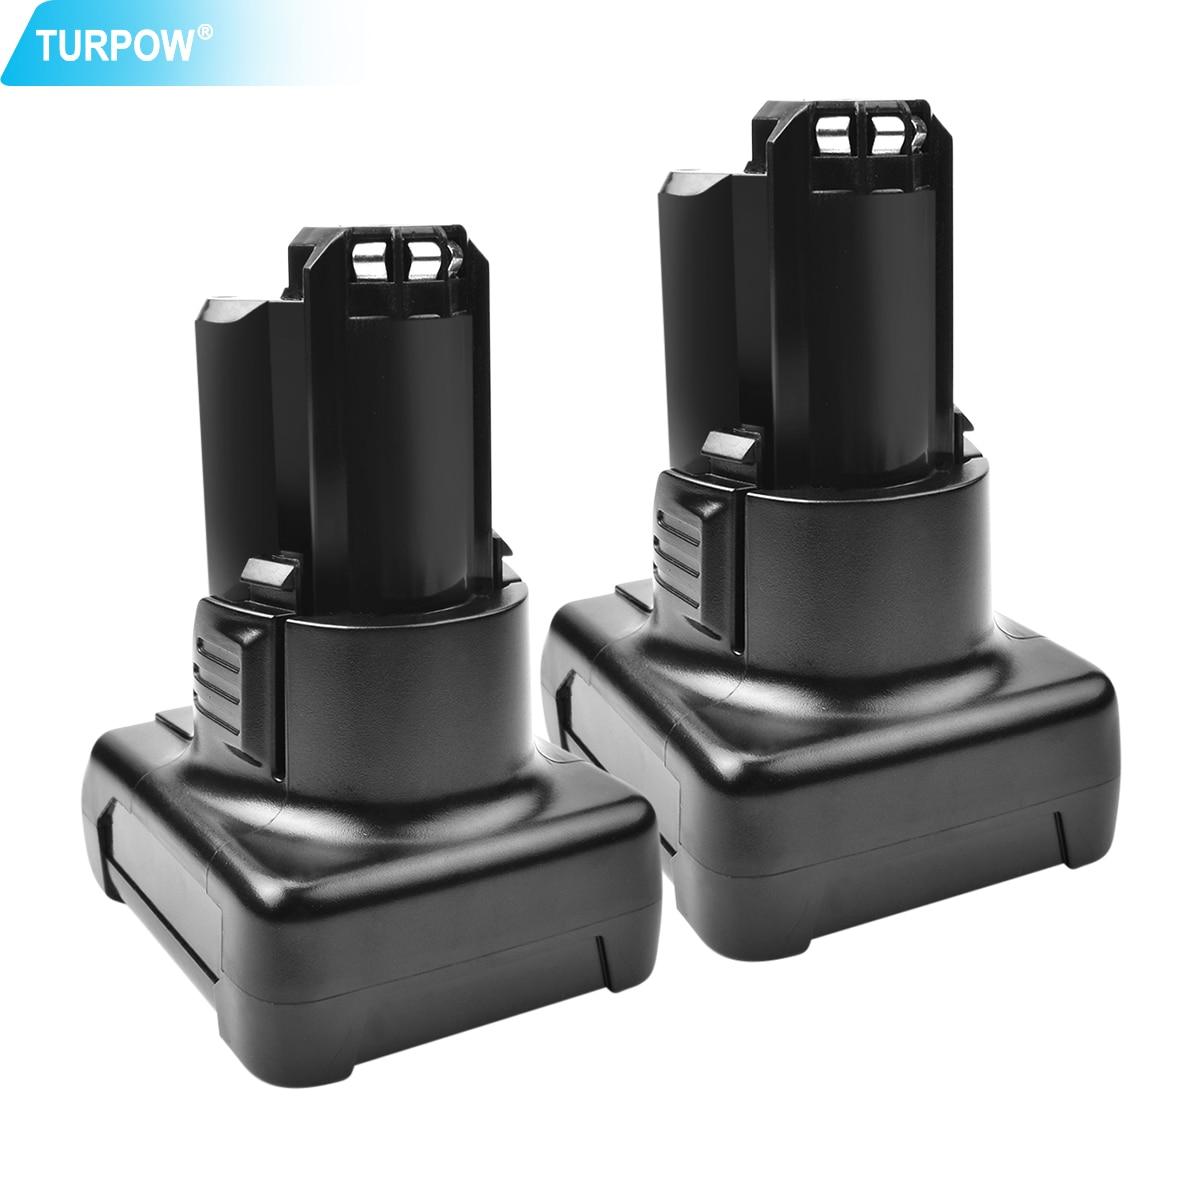 Turpow 2pack 6.0Ah 12V Li-ion BAT411 Rechargeable Battery For Bosch BAT411 BAT412A BAT413A  2607336013 2607336014 Battery